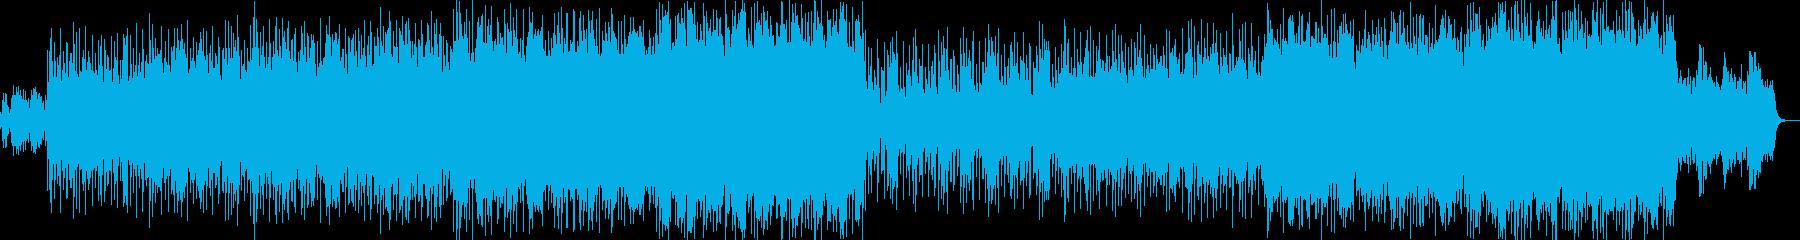 明るく爽やかなオーケストラポップ-01の再生済みの波形